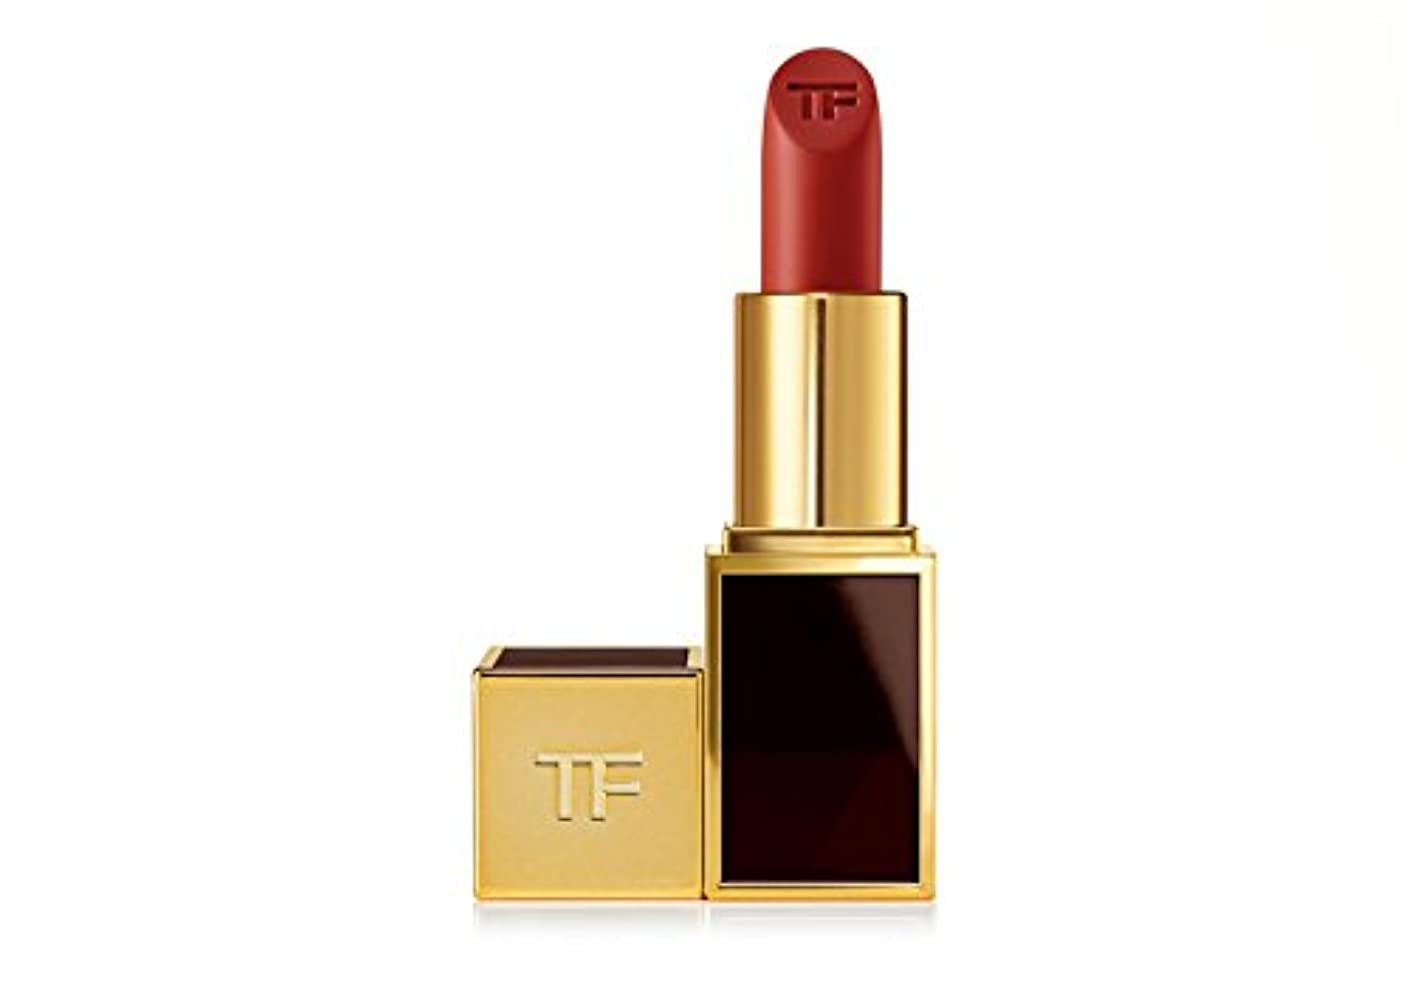 店員鋭く衰えるトムフォード リップス アンド ボーイズ 8 レッズ リップカラー 口紅 Tom Ford Lipstick 8 REDS Lip Color Lips and Boys (Dominic ドミニク) [並行輸入品]